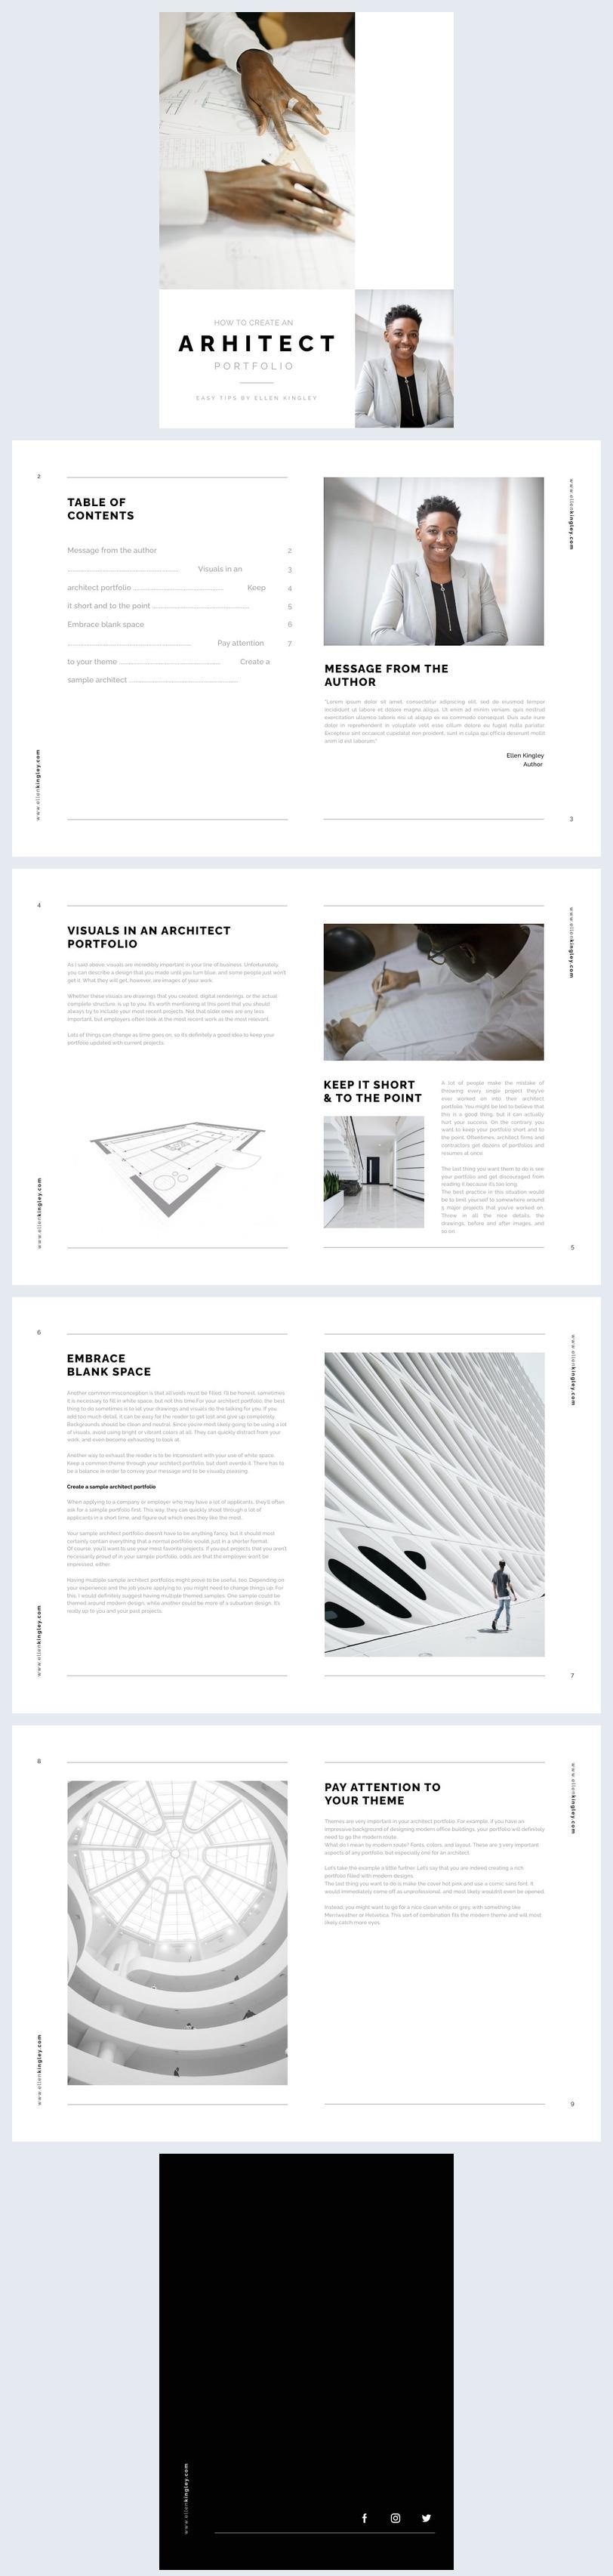 Digital Architecture Portfolio eBook Design Example